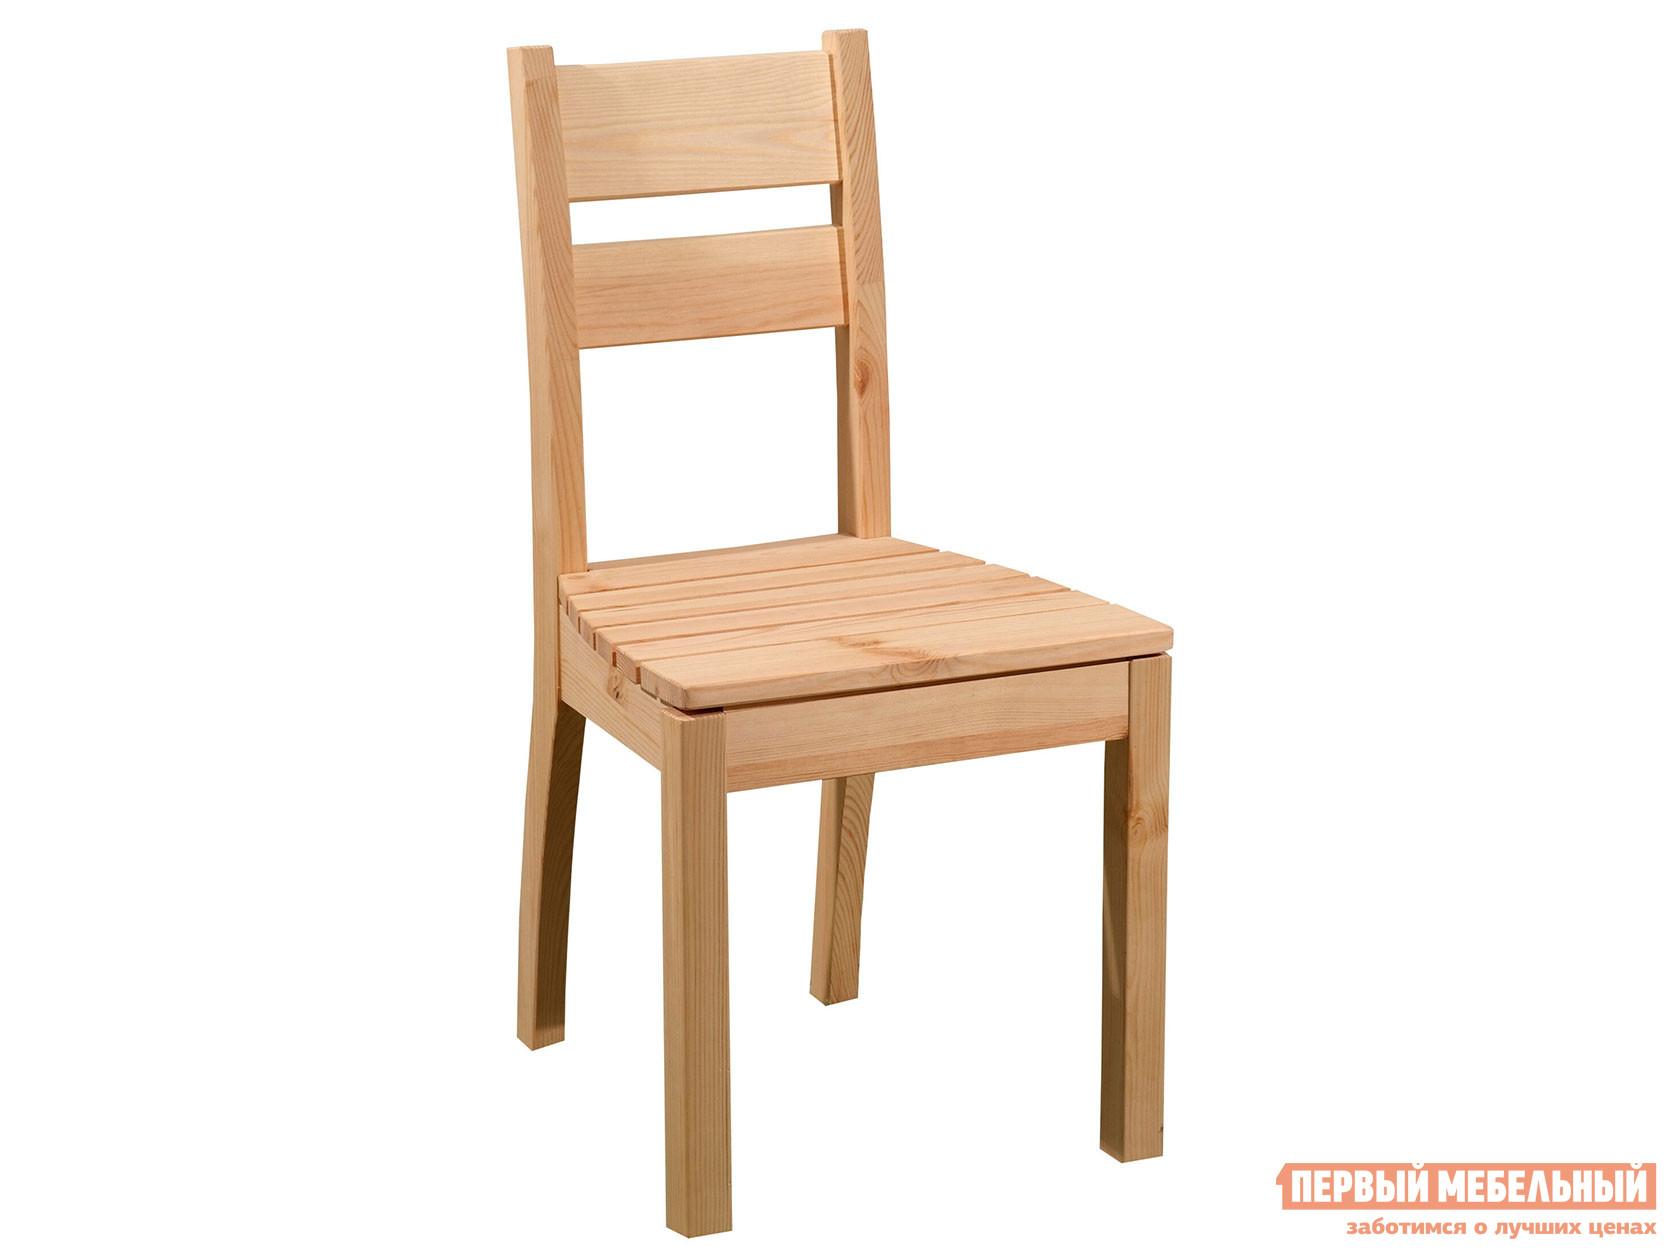 Садовое кресло Стул дачный Натура фото